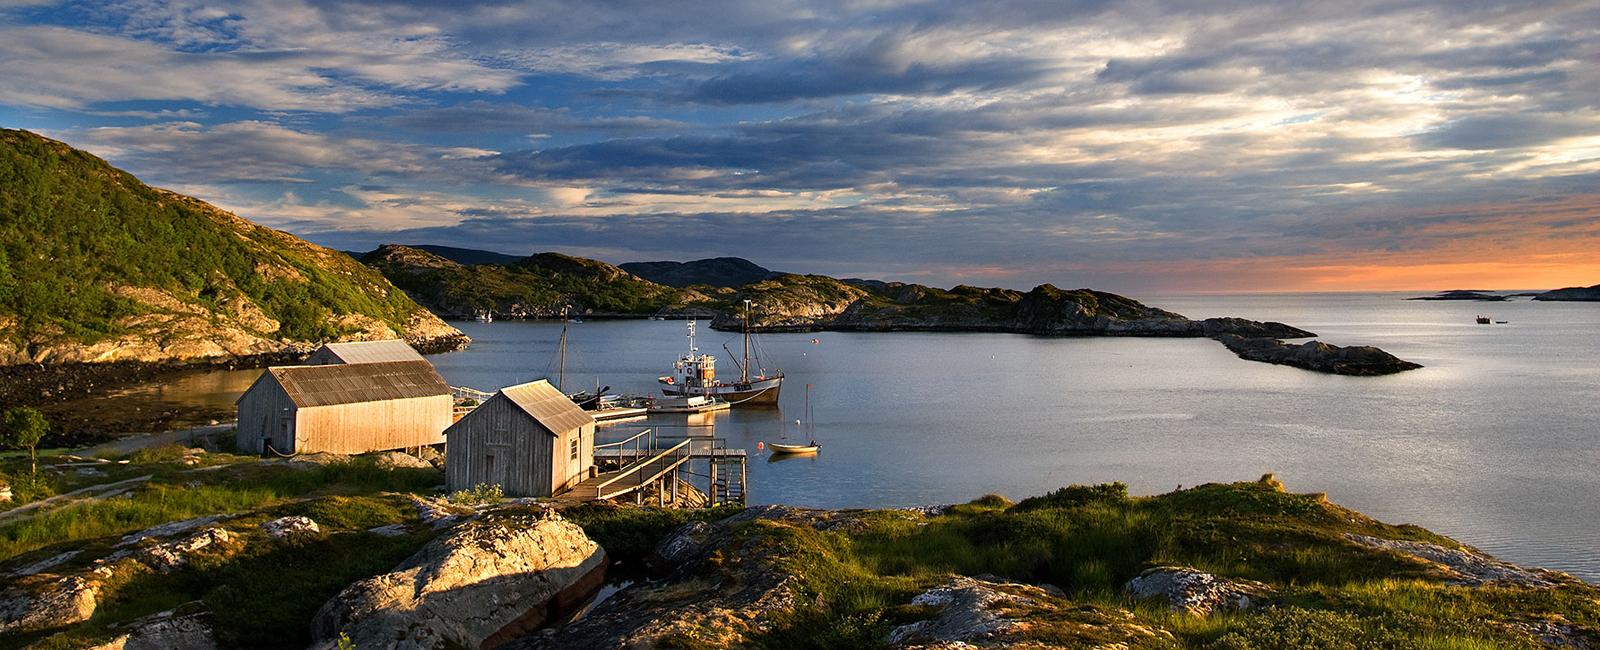 Brakstad Brygge på Jøa i Fosnes Namdalen, Trøndelag. Få turistinformasjon om Namdalen på visitnamdalen.com